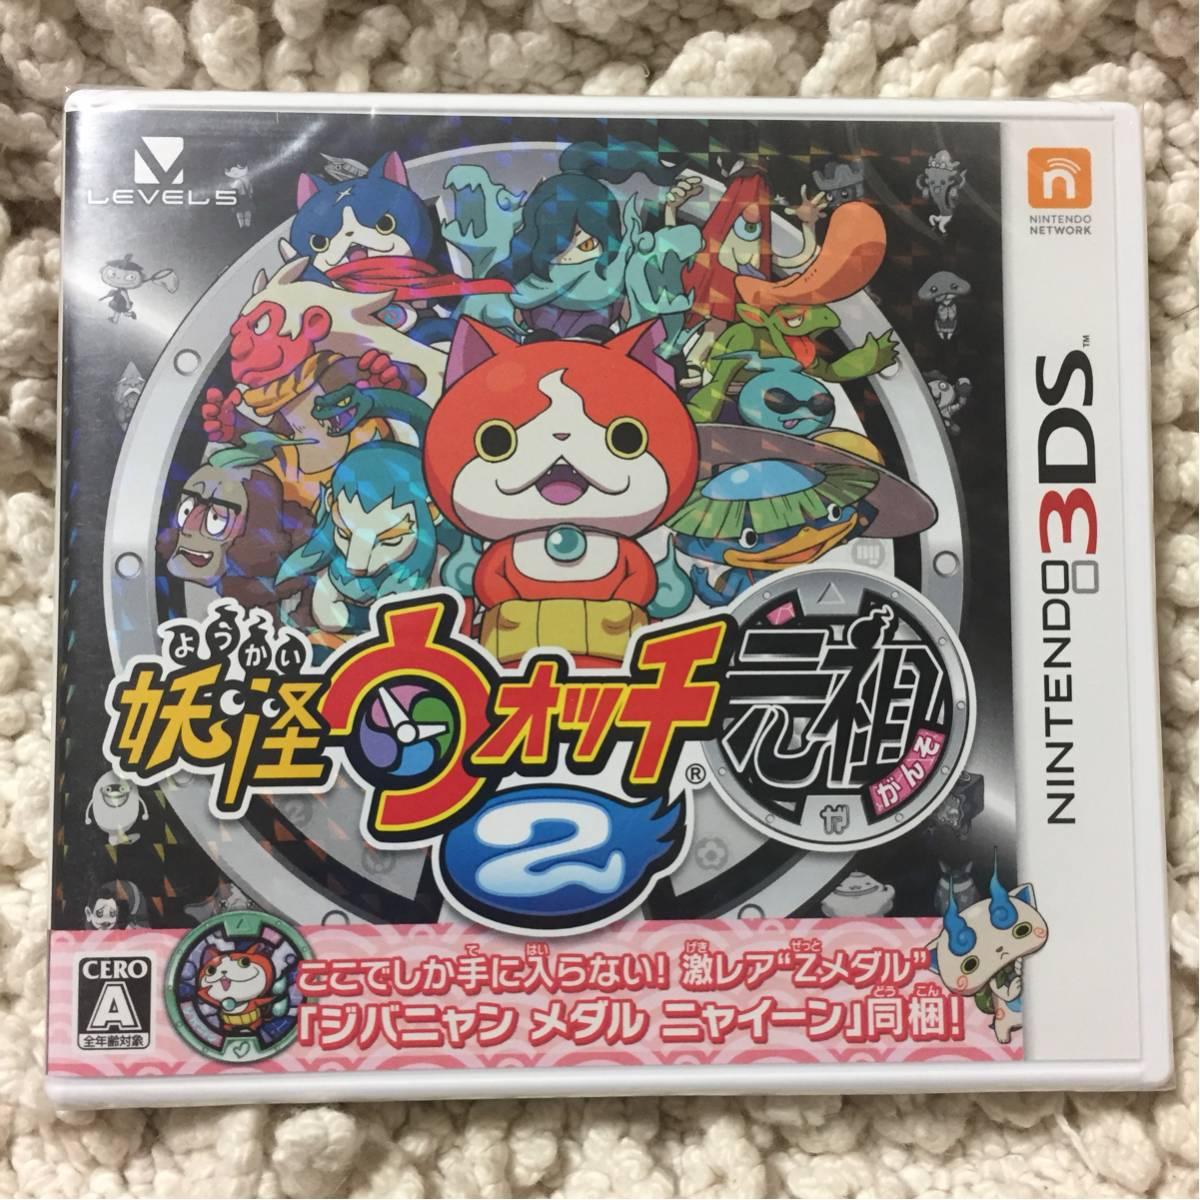 3DS ソフト 妖怪ウォッチ2 元祖 ジバニャン メダル ニャイーン 同梱 新品未開封